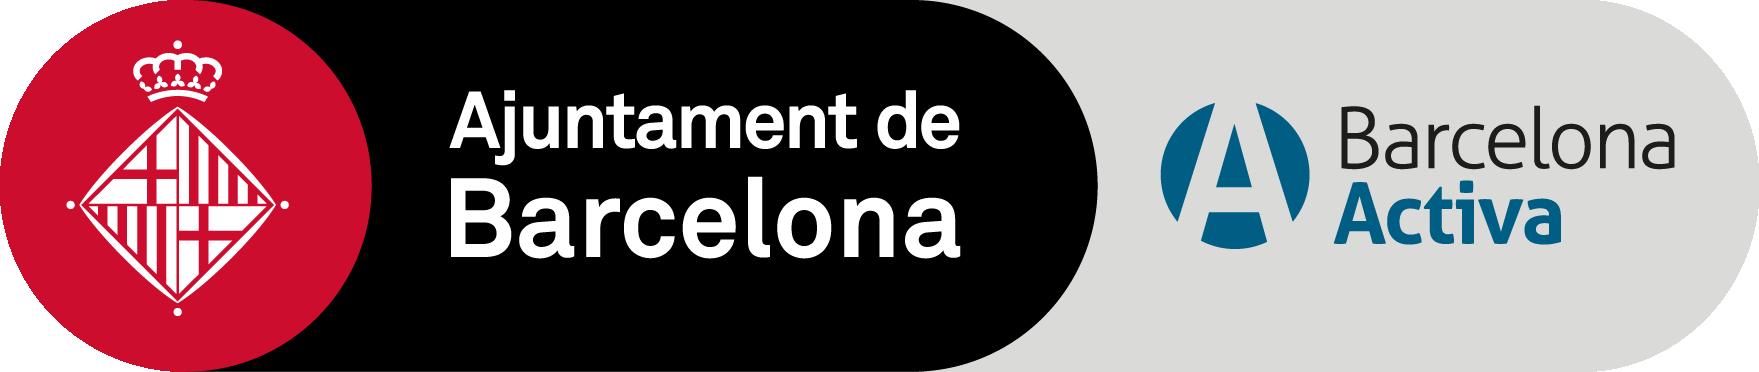 Logo ajuntament Barcelona i Barcelona Activa